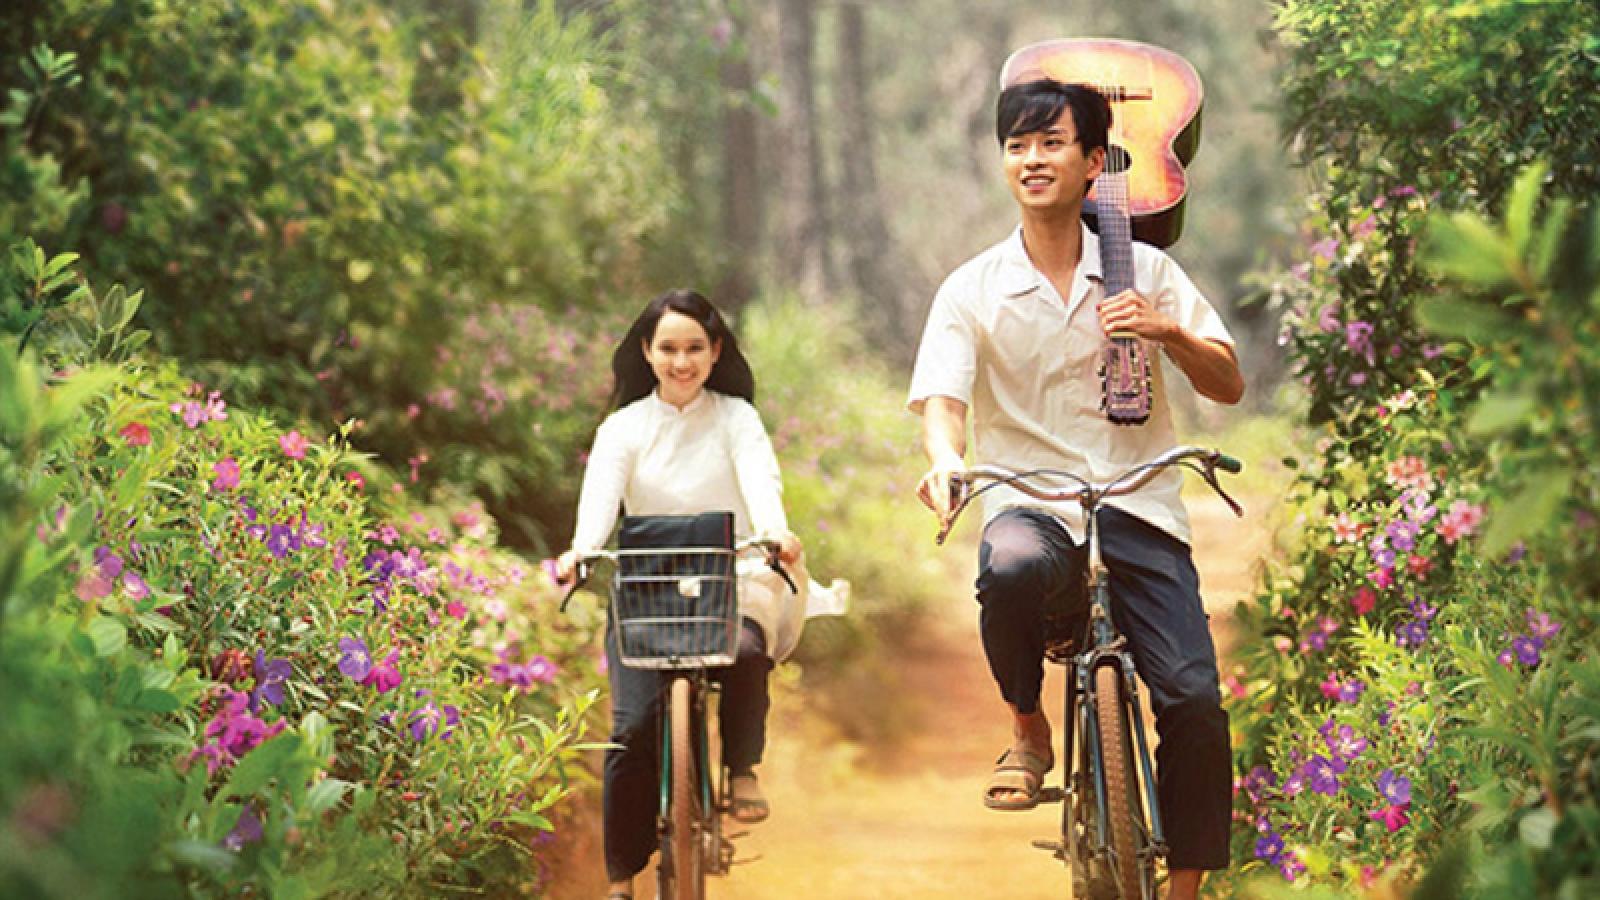 Poland to screen Vietnamese movies